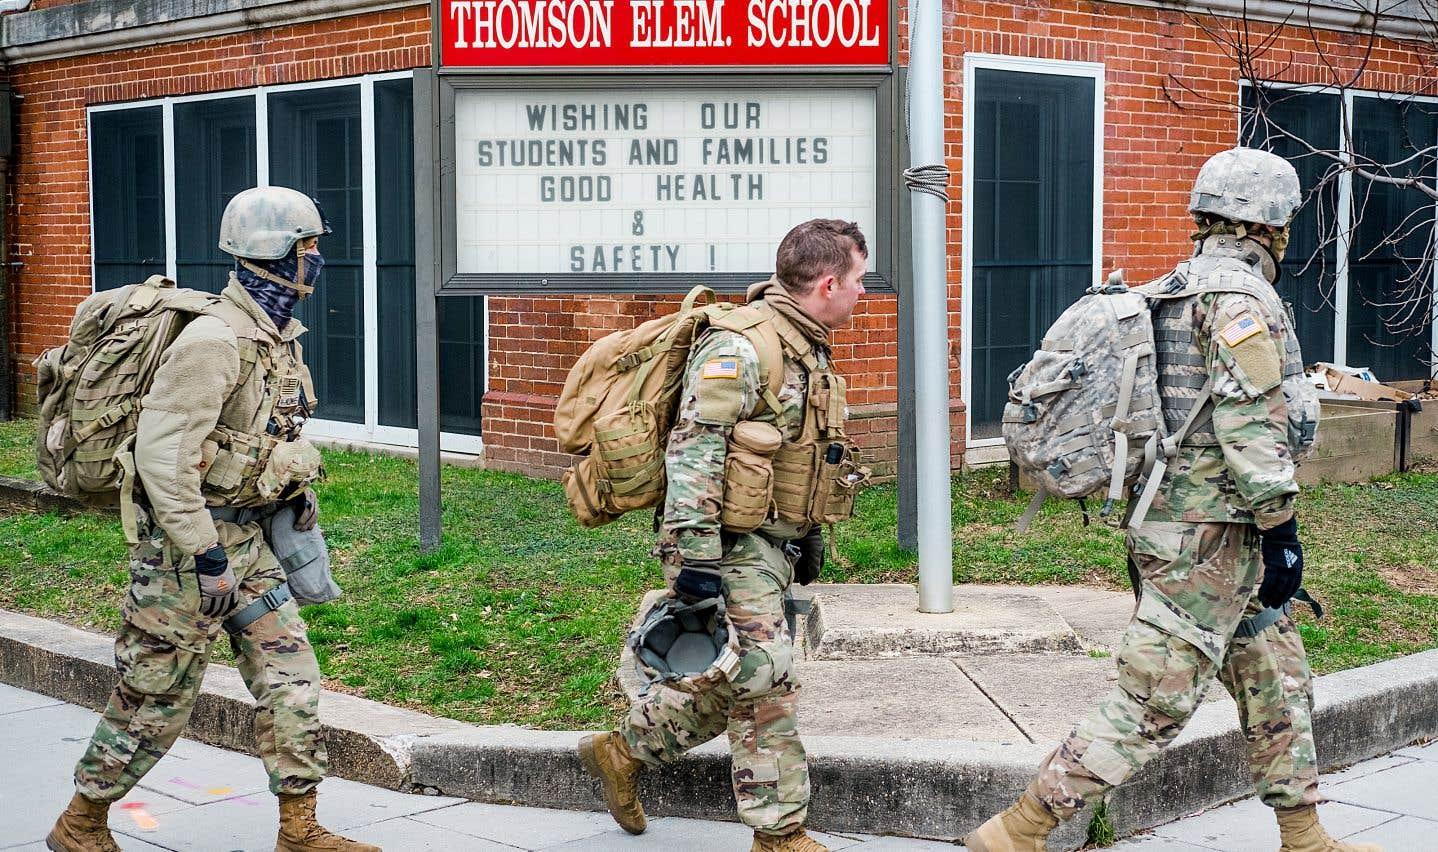 Des militaires patrouillent devant une école située dans la zone sécurisée.